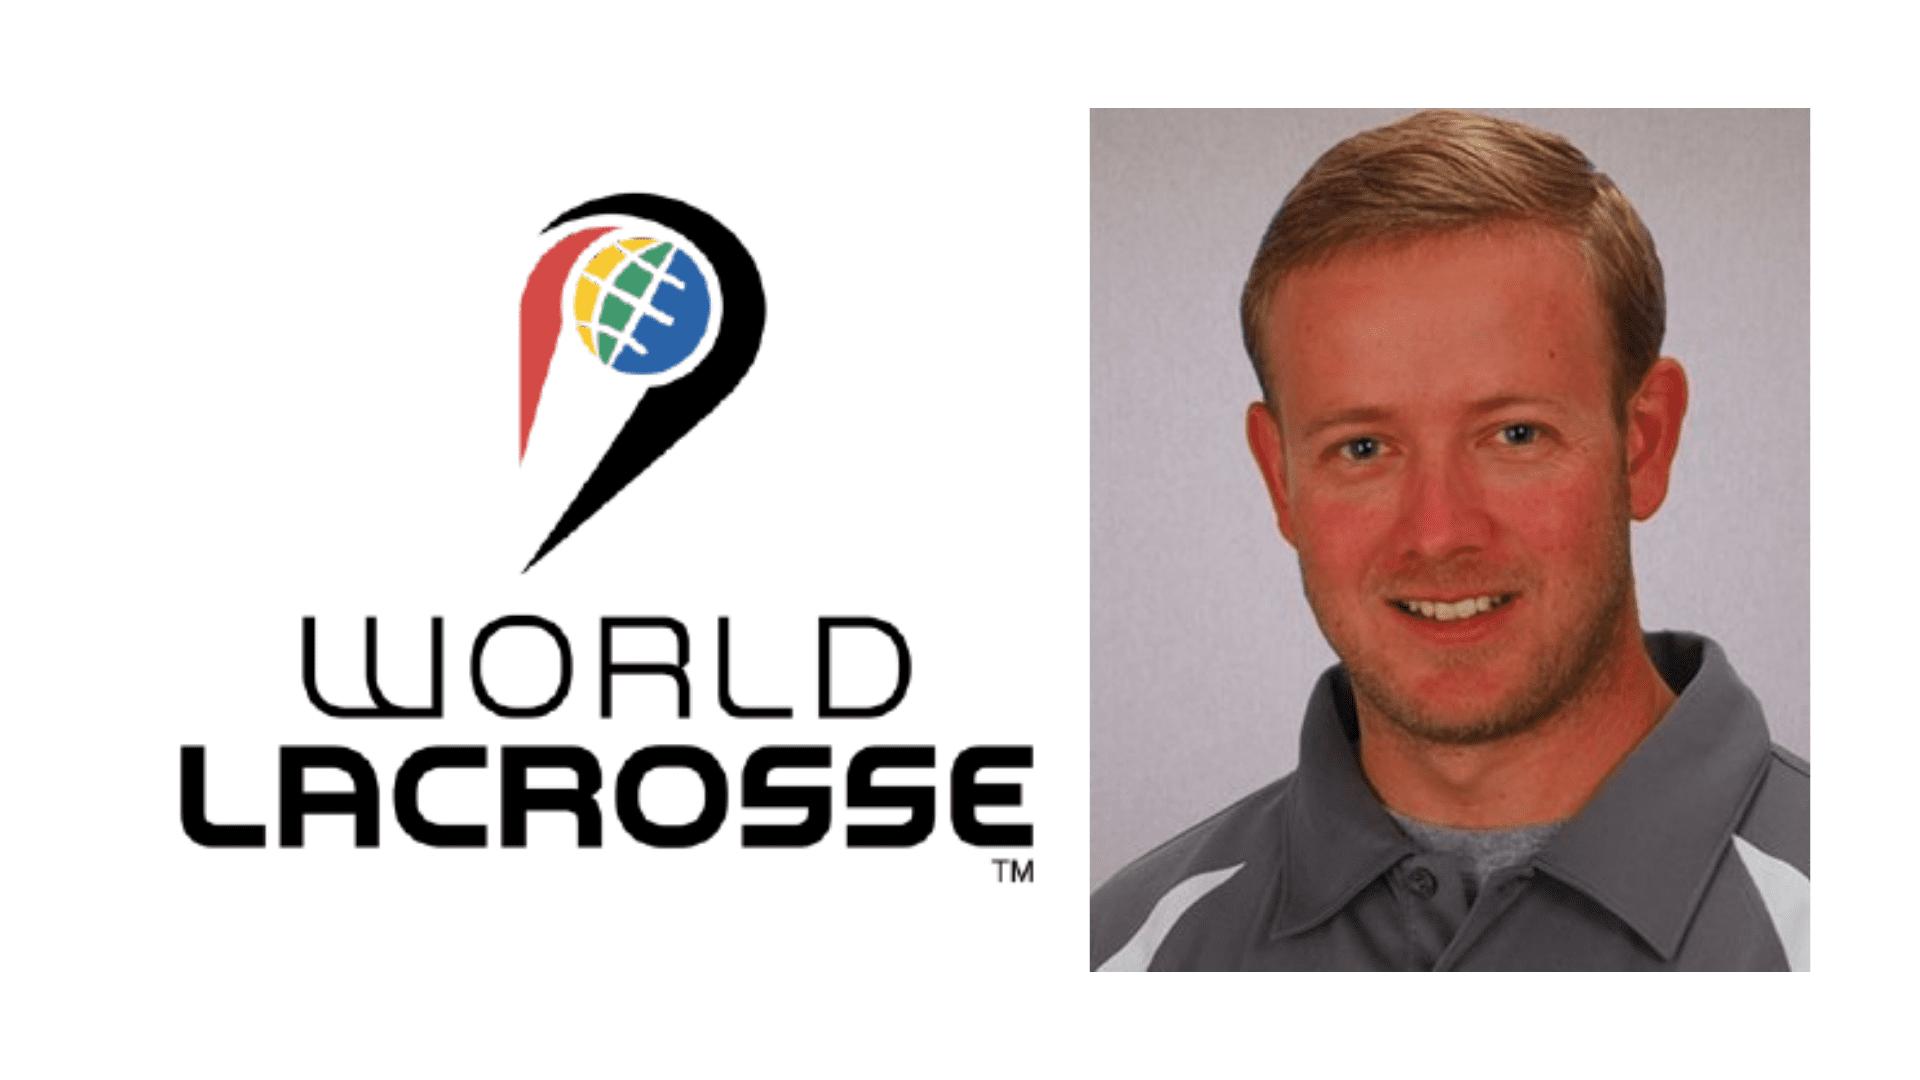 tj buchanan world lacrosse director of sport development